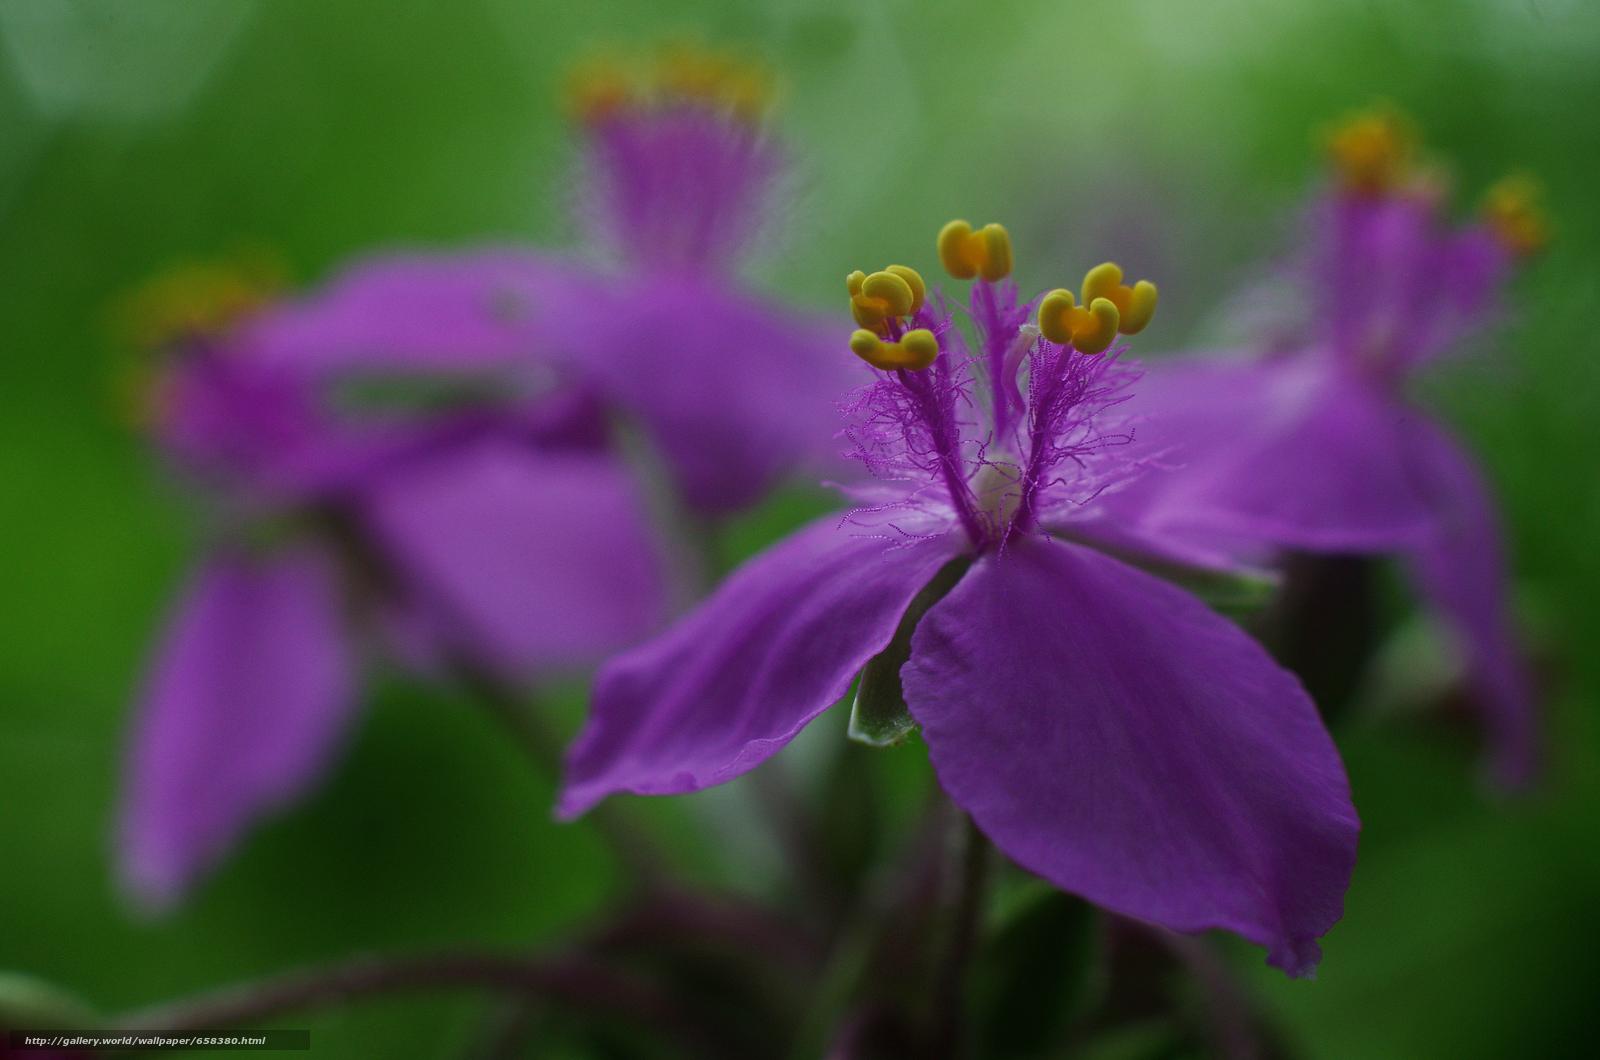 Скачать обои цветок,  цветы,  флора бесплатно для рабочего стола в разрешении 4928x3264 — картинка №658380